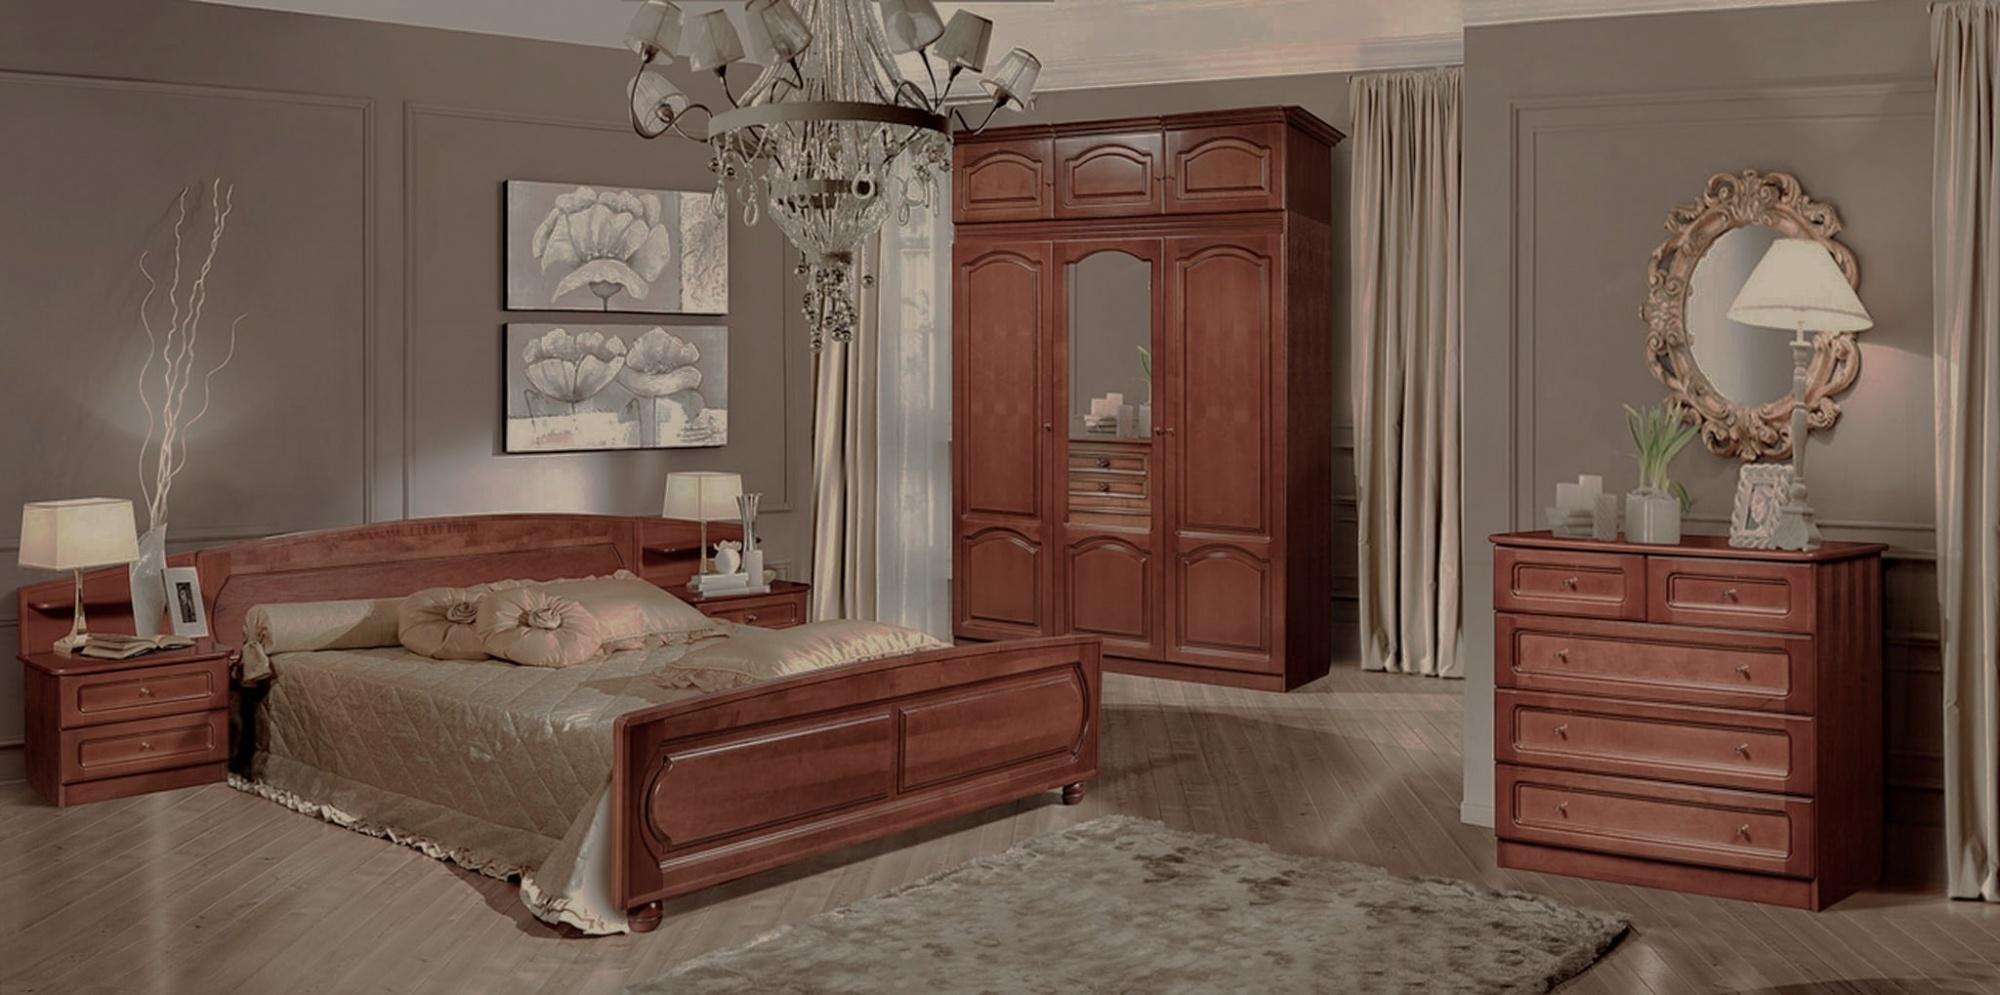 включается, белорусская спальная мебель фото в уфе ремнем, базой